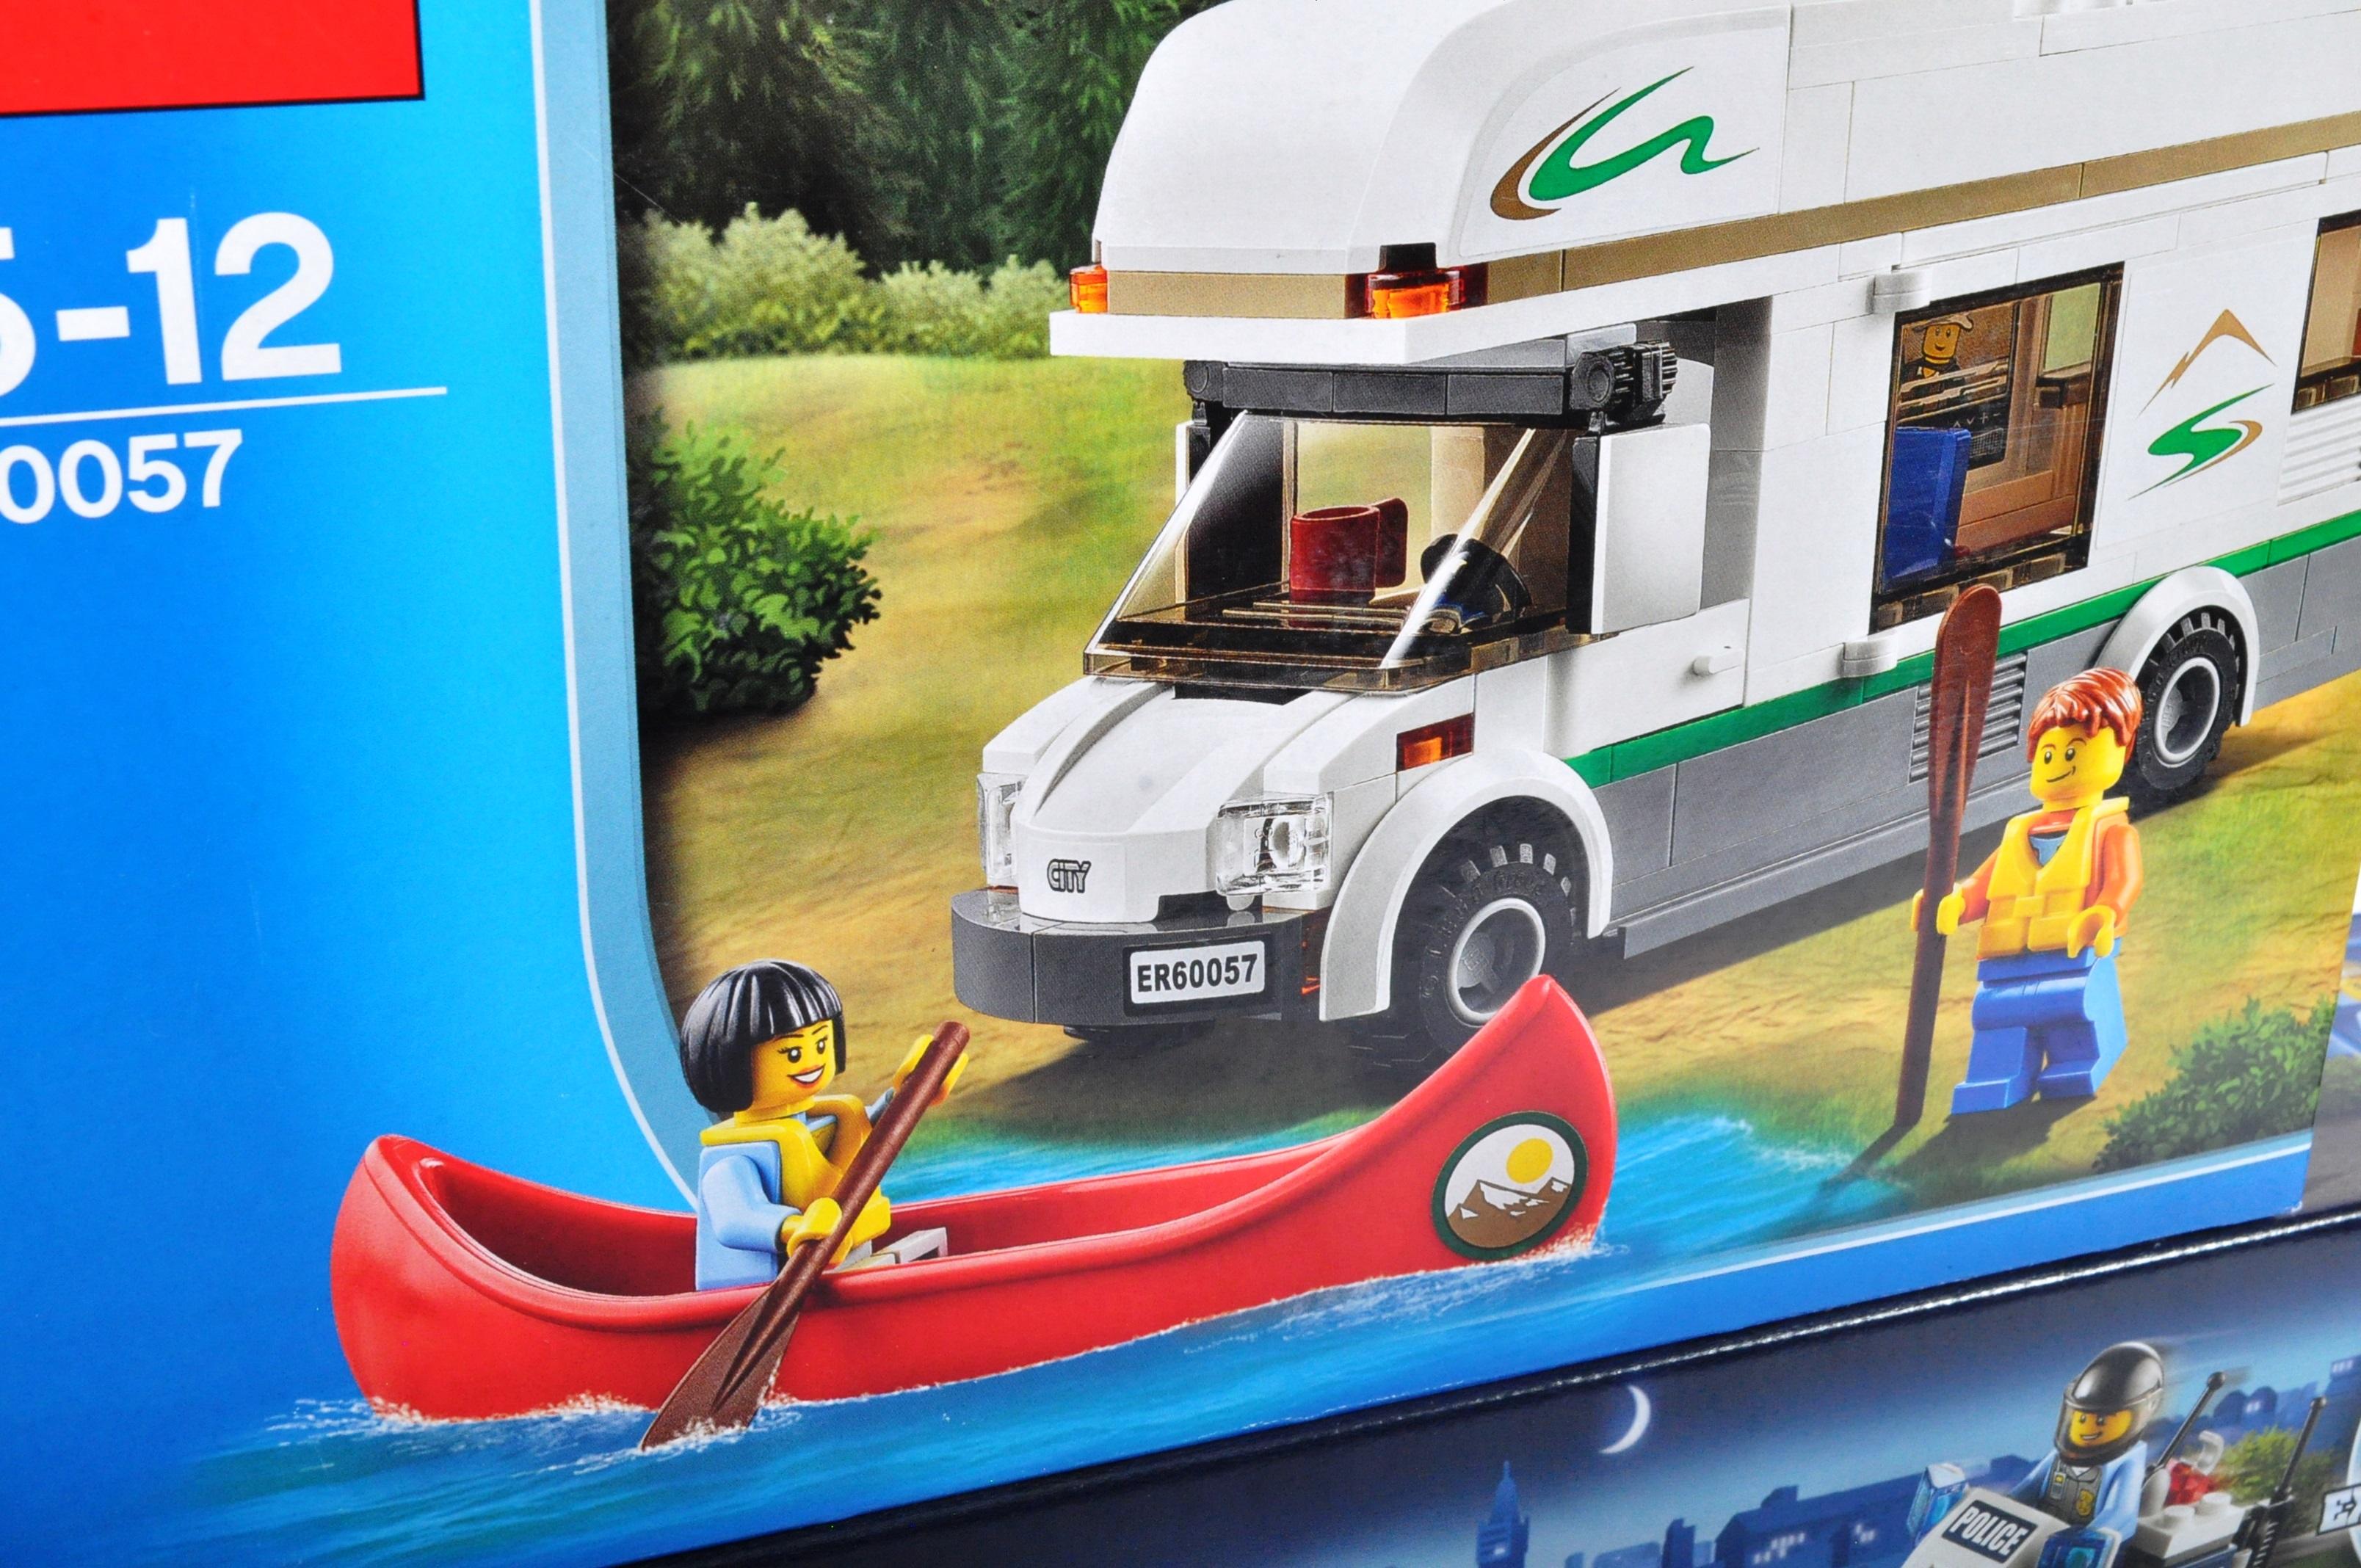 LEGO SETS - LEGO CITY - 60023 / 60084 / 60158 / 7936 / 60118 / 60057 / 7990 / 60007 - Image 3 of 5